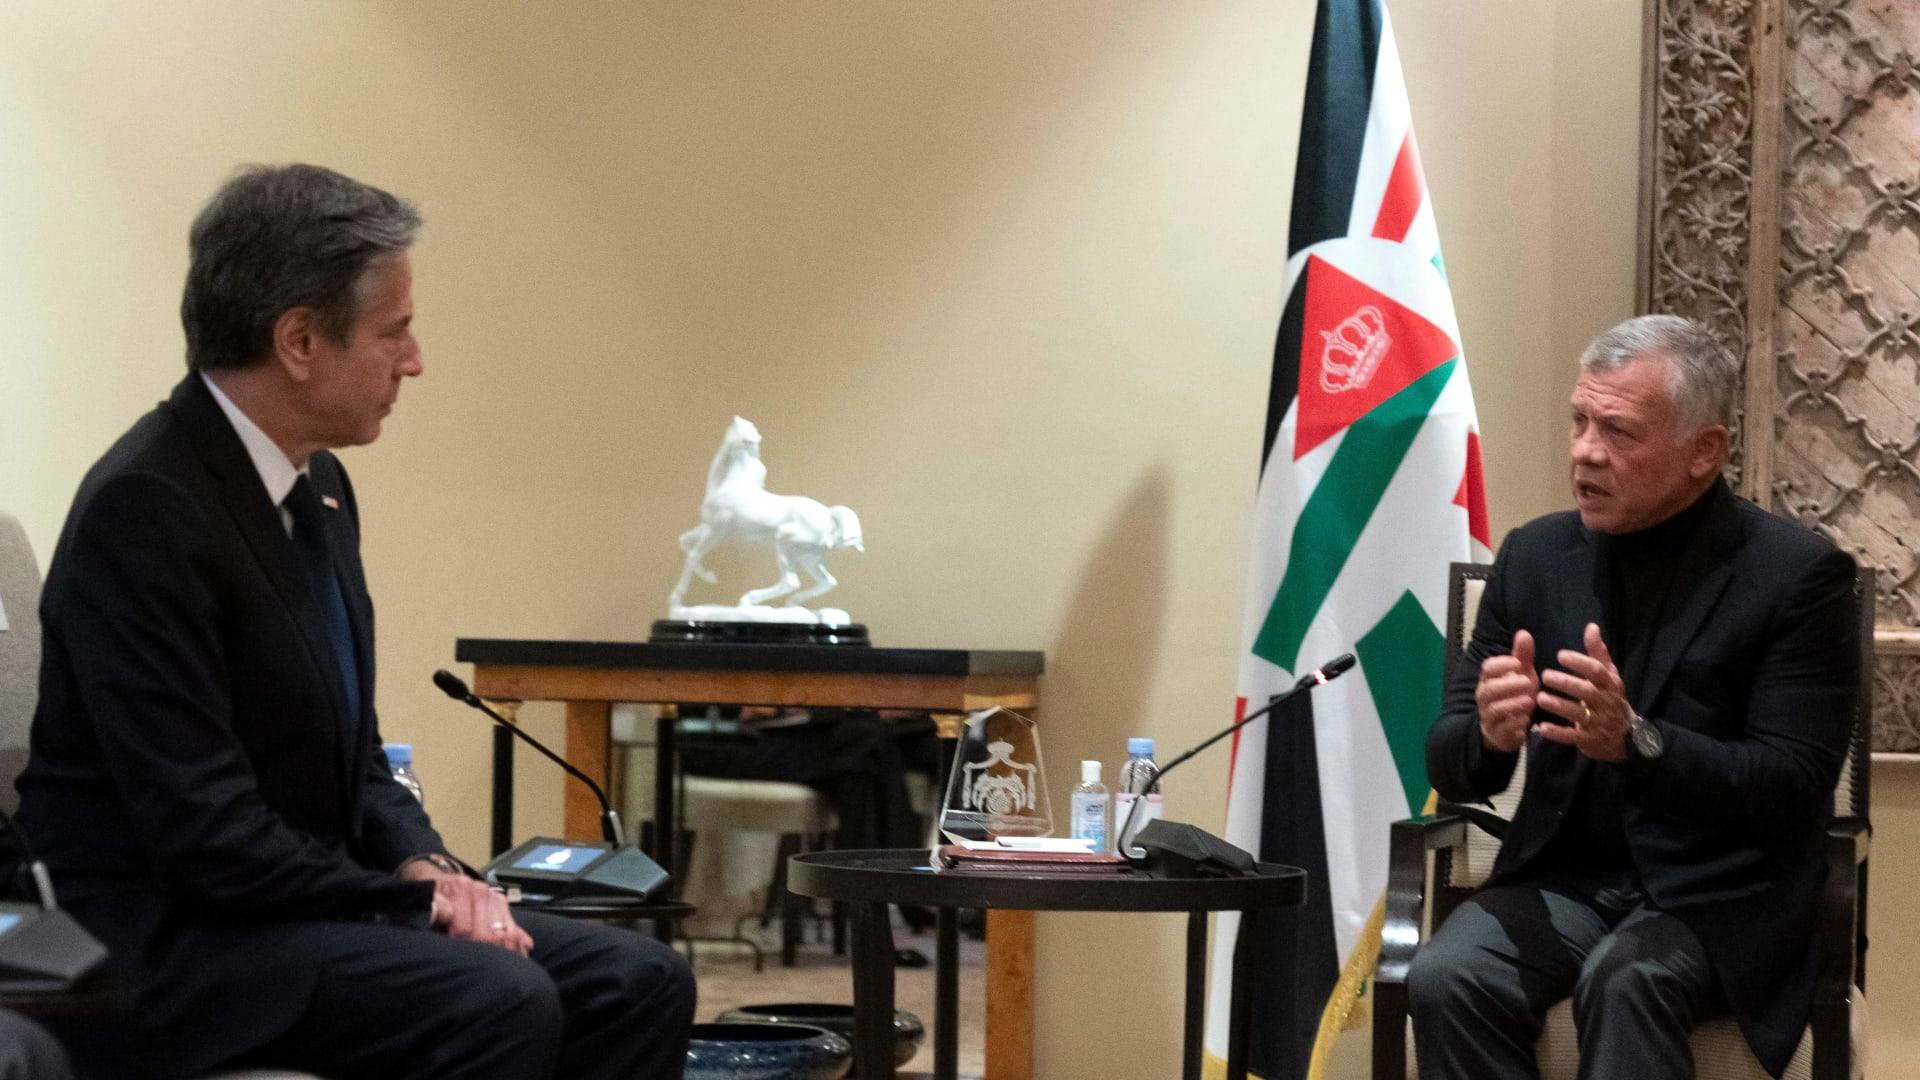 لقاء العاهل الأردني الملك عبدالله الثاني ووزير الخارجية الأردني أنتوني بلينكن